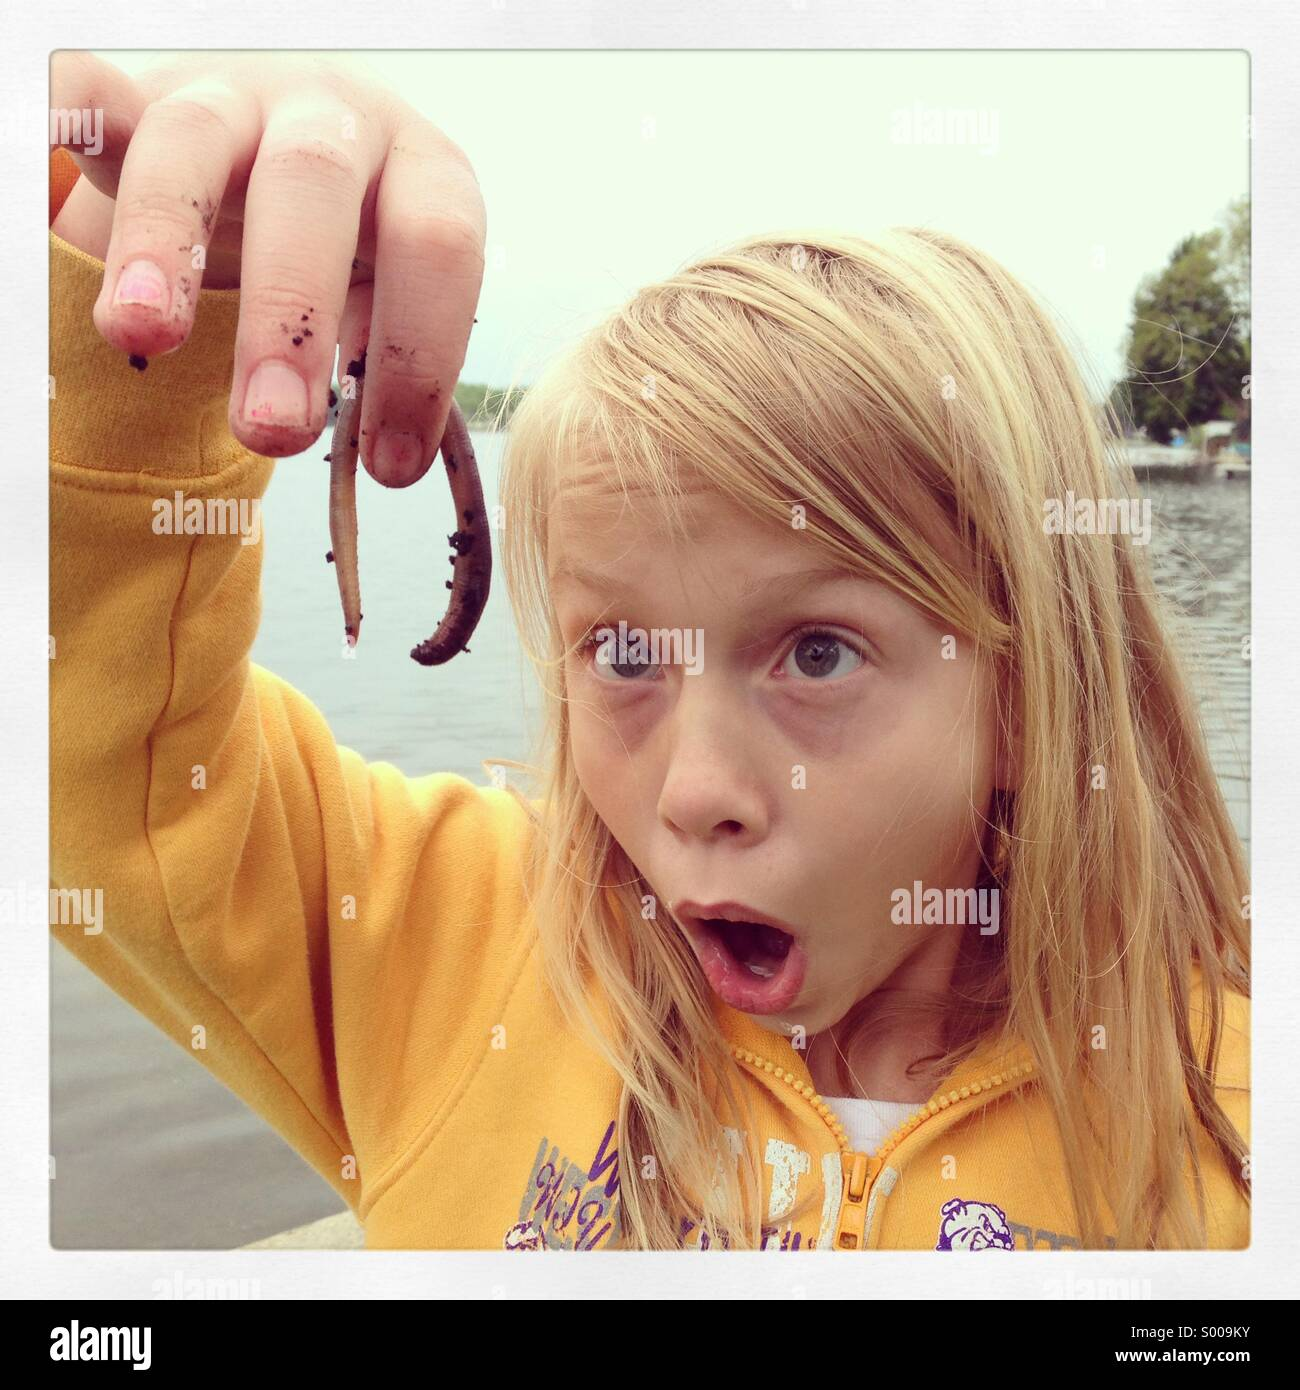 Una ragazza in luce gli occhi mentre si sta guardando un squirmy crawly usurati. Immagini Stock